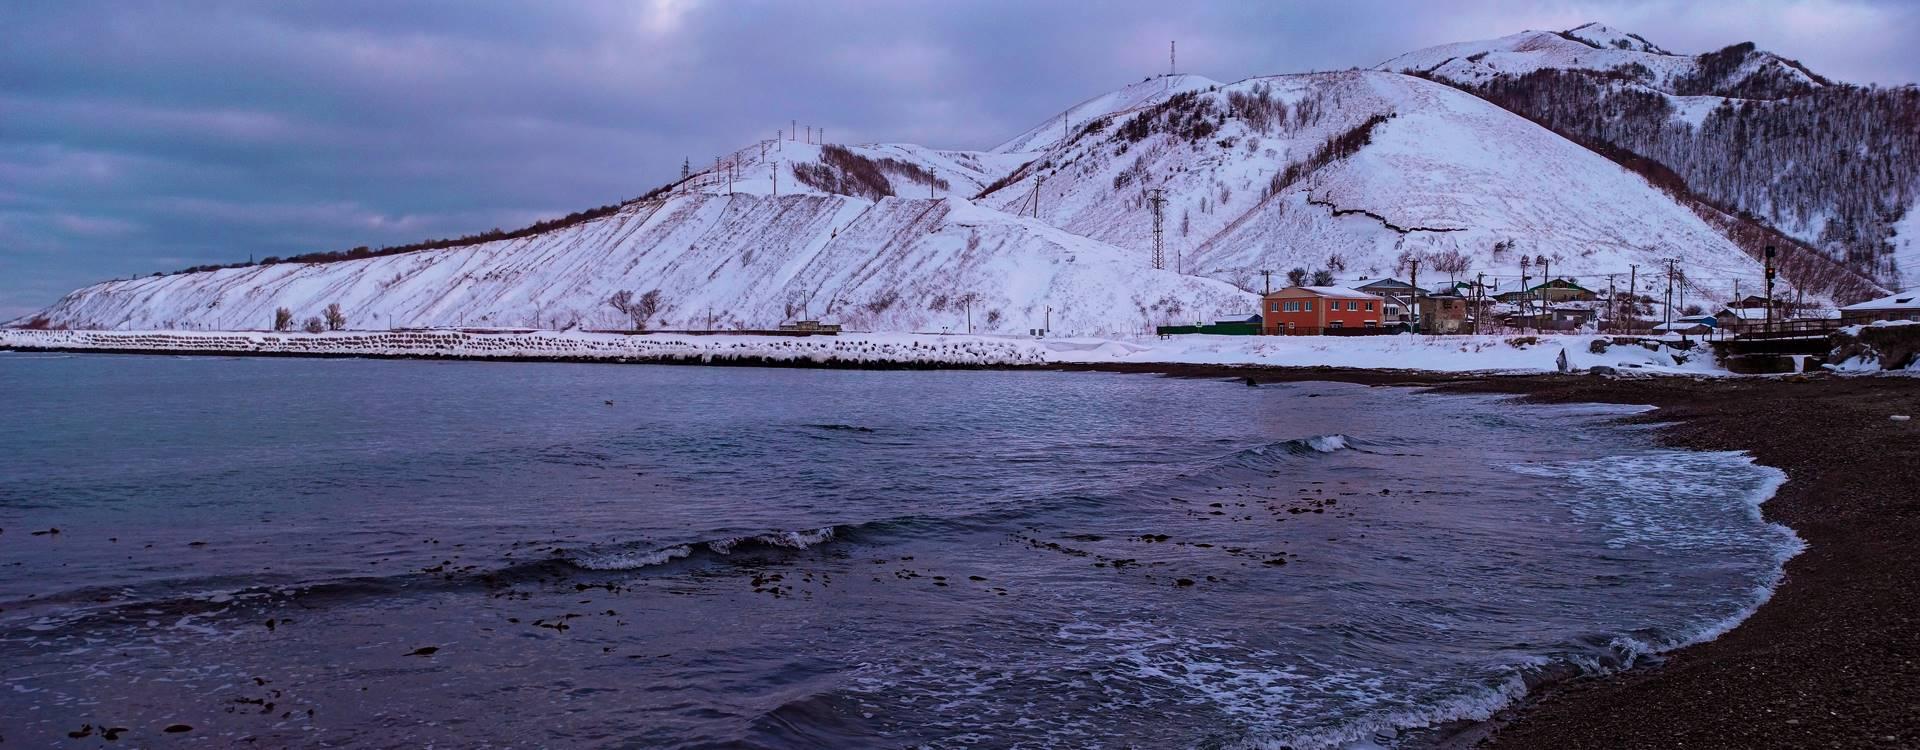 Путешествие по Сахалину: Топ-10 достопримечательностей острова